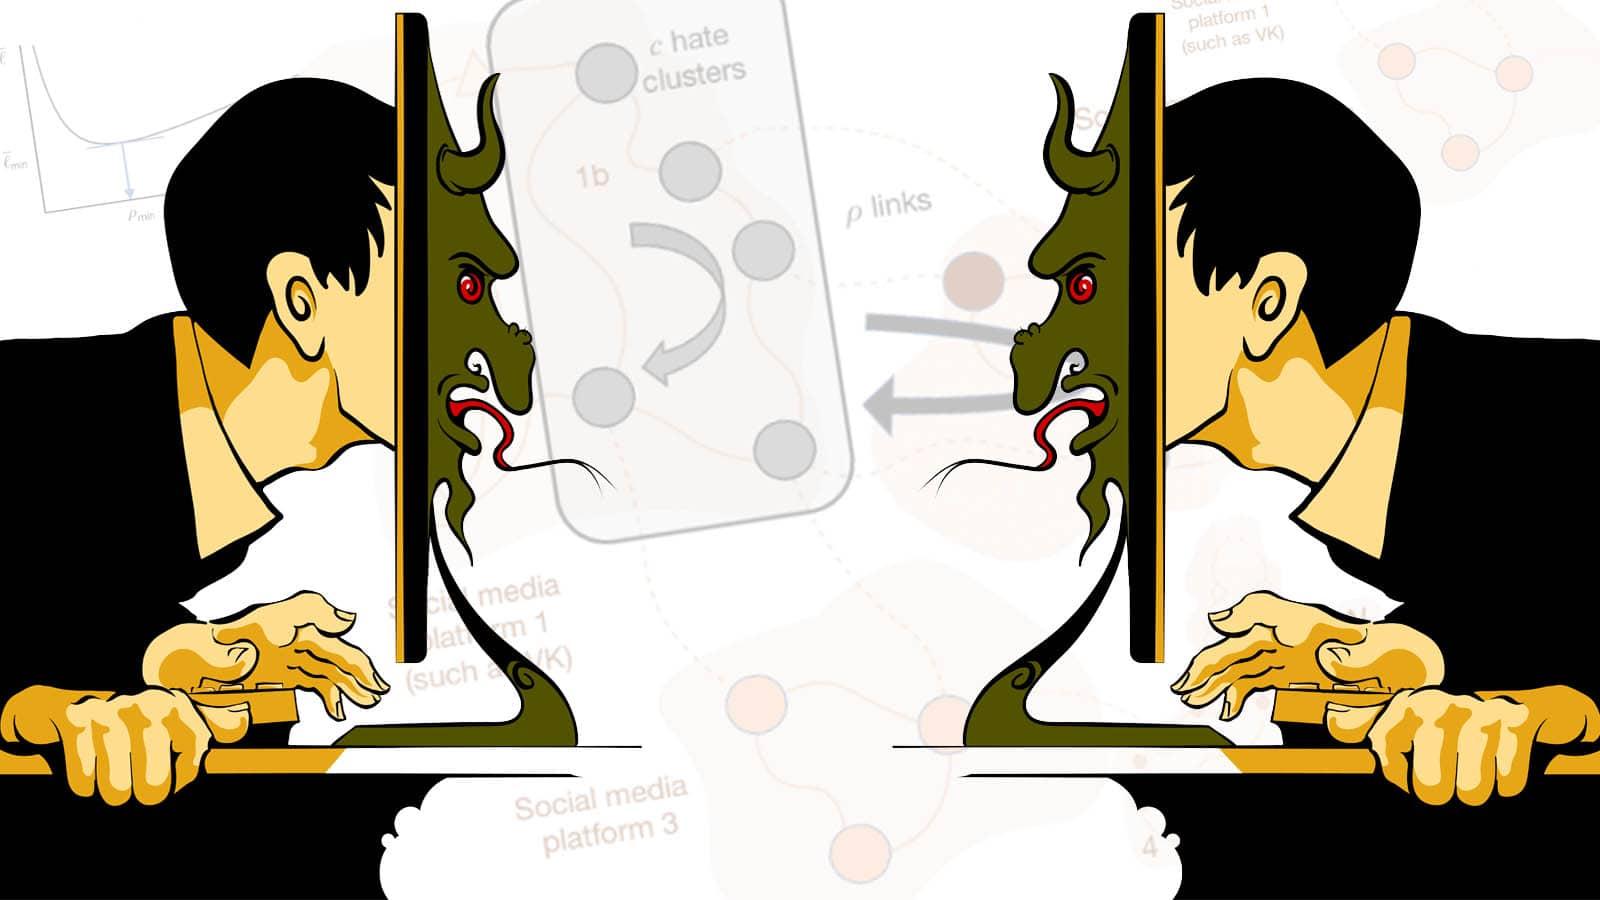 Er det ikke bare å forby hatprat? Vel: Forskere har utviklet en matematisk modell, og mener et forbud ikke vil er veien for å stanse hatprat. Illustrasjon: Alexander Pavlov/Shutterstock